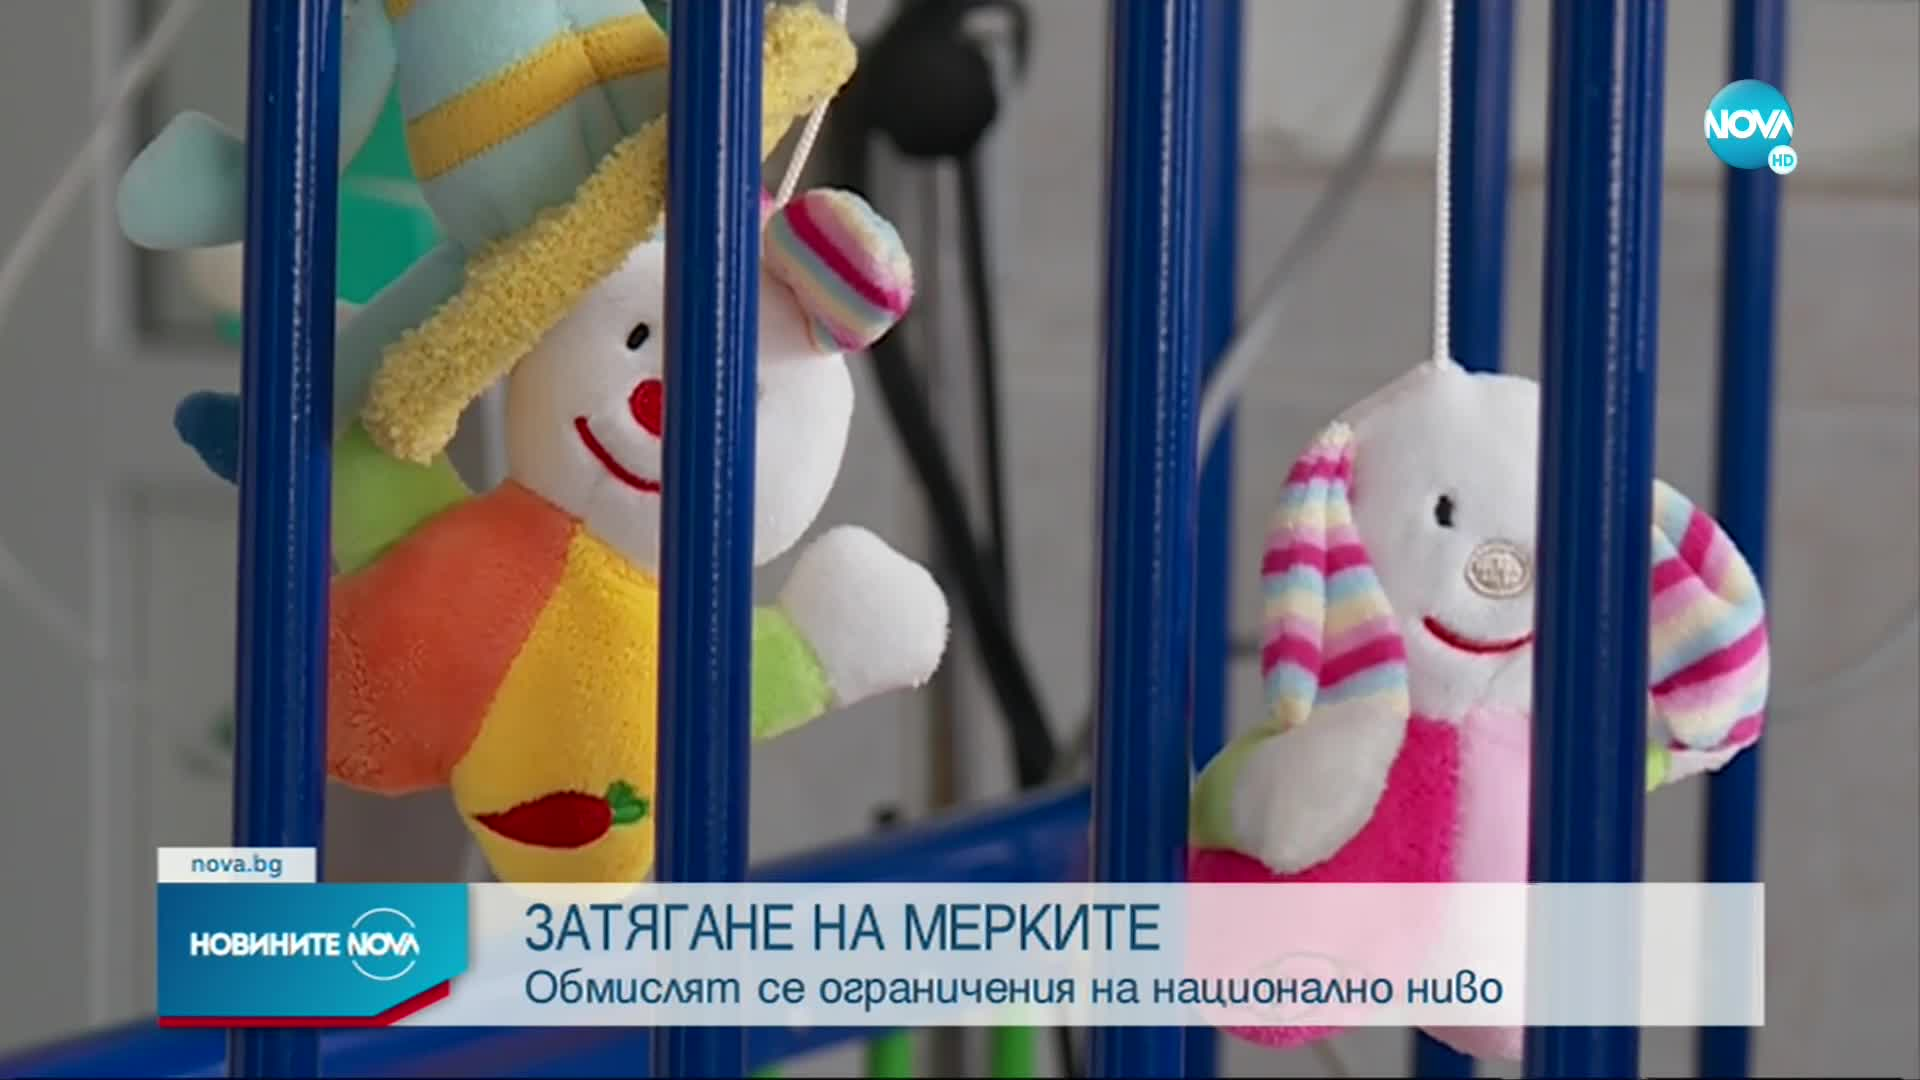 Кацаров: Ако се стигне до затваряне, последни ще бъдат училищата